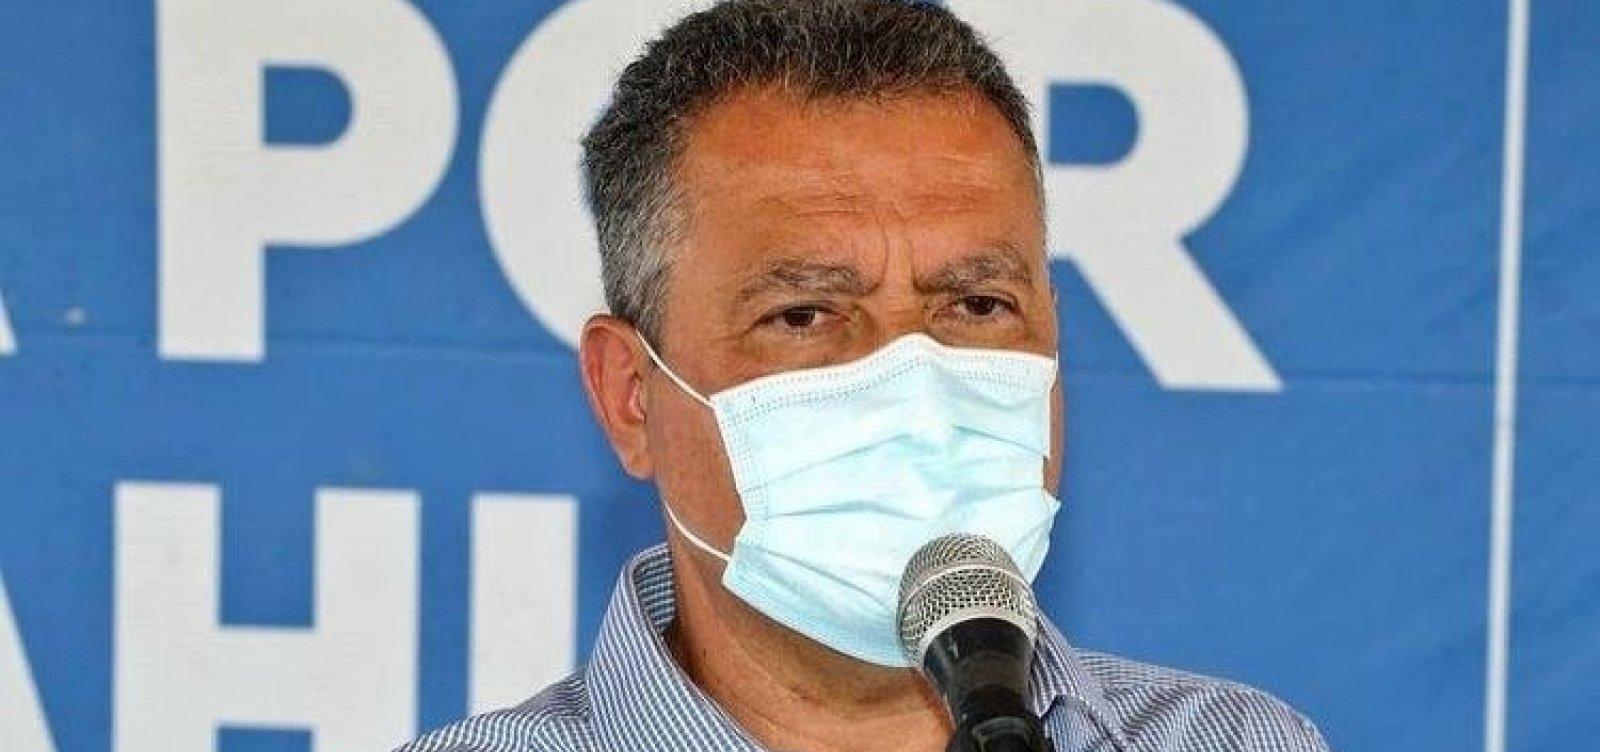 [Governador da Bahia diz que está negociando compra de outra vacina da Sinovac]